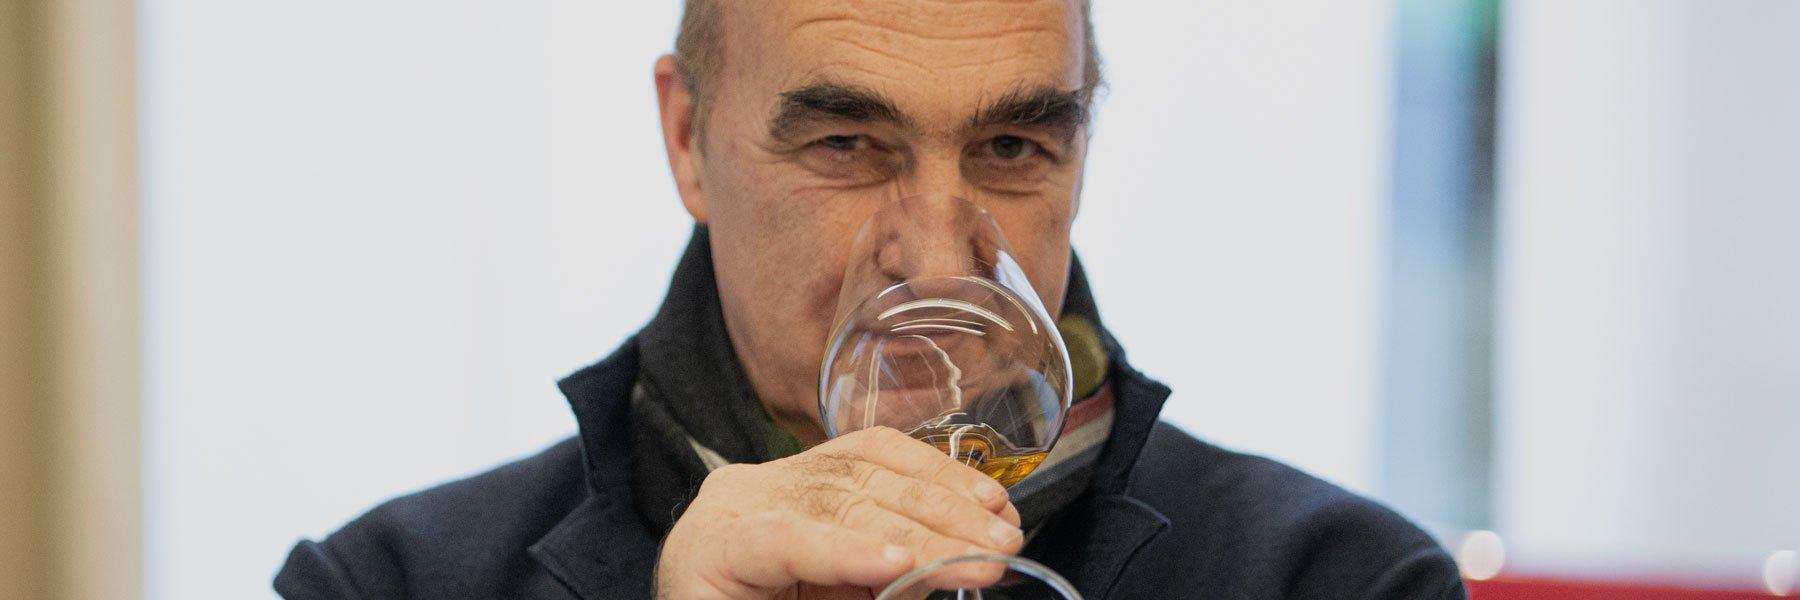 Aspettando il Merano Wine Festiva tra innovazione e precauzioni